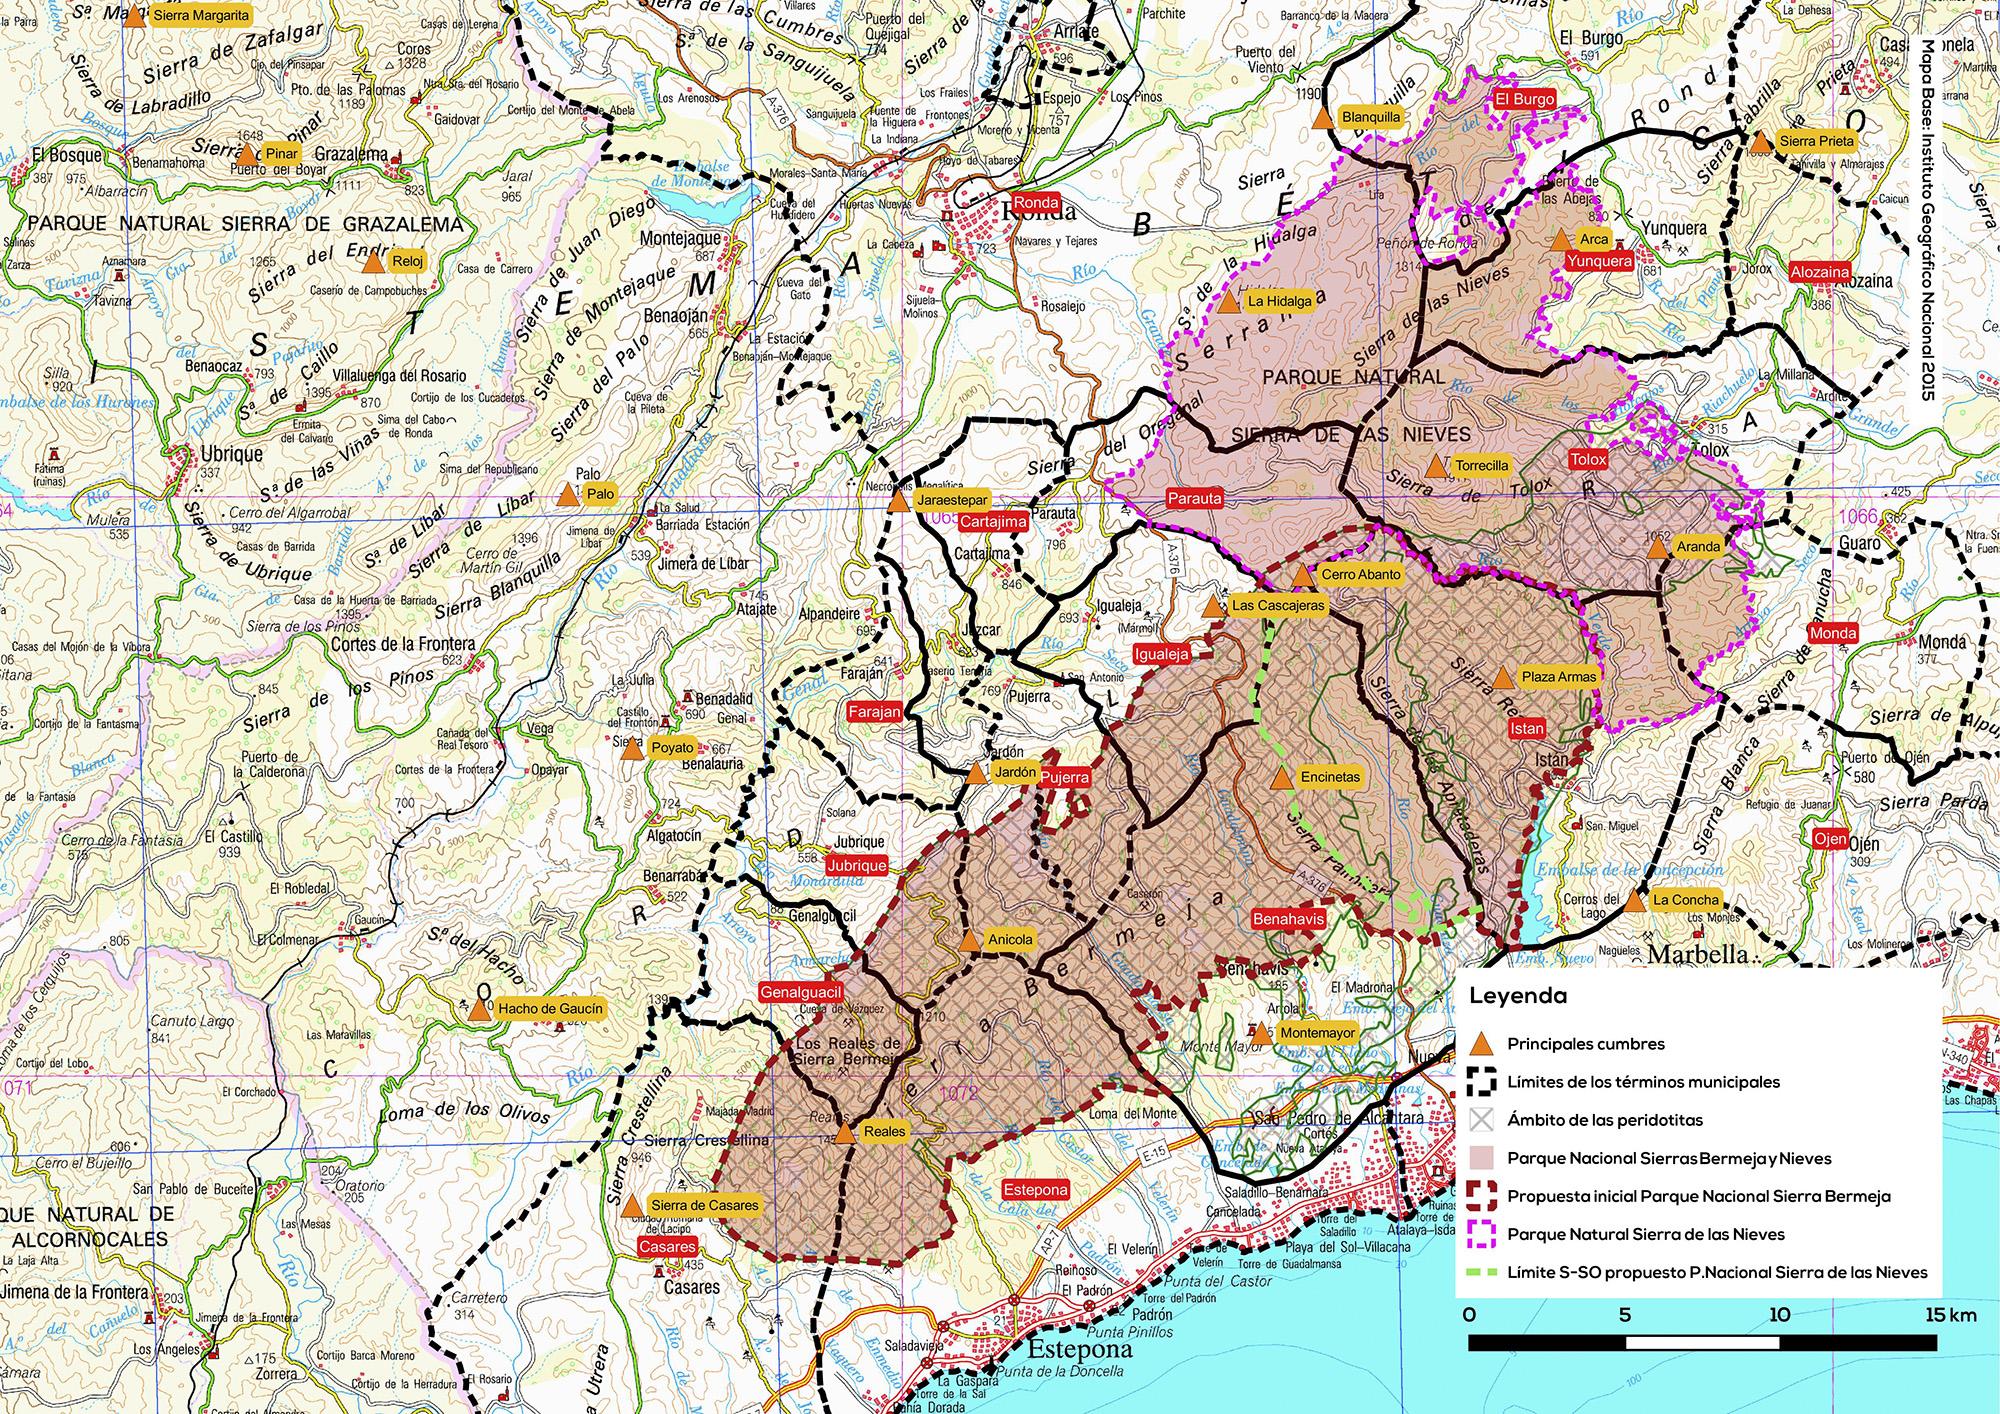 Propuesta de Parque Nacional de las sierras Bermeja y de las Nieves